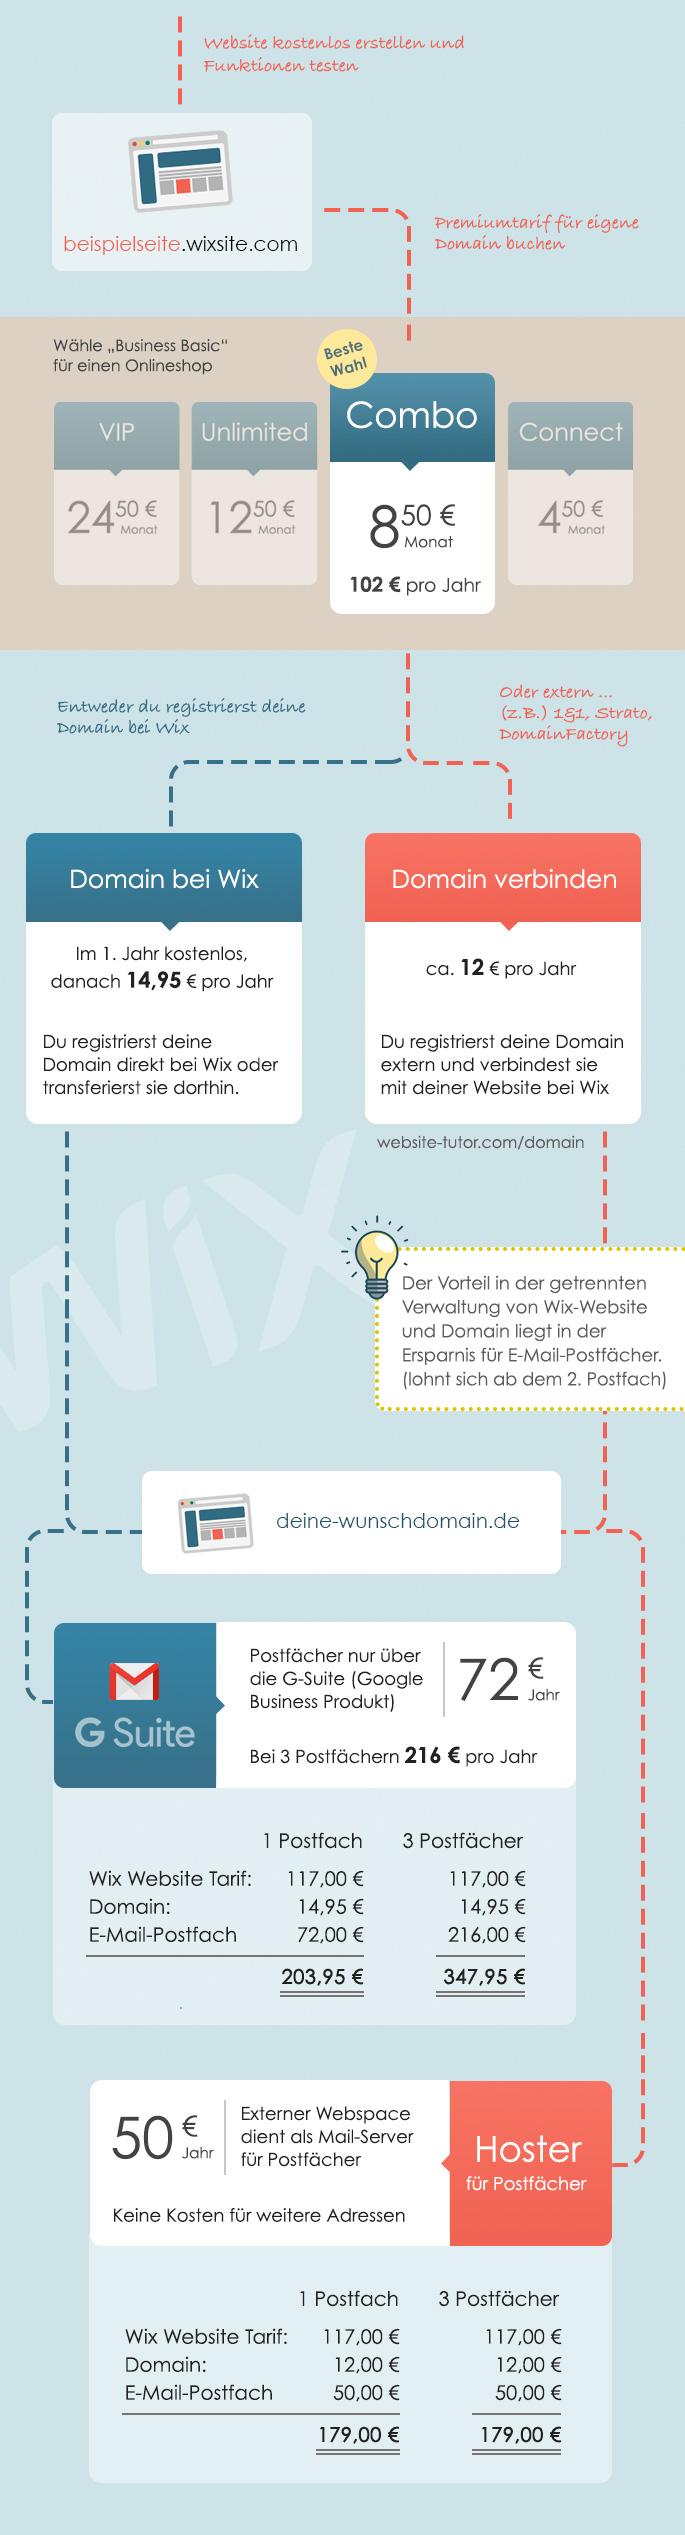 Wix Kosten und Preise